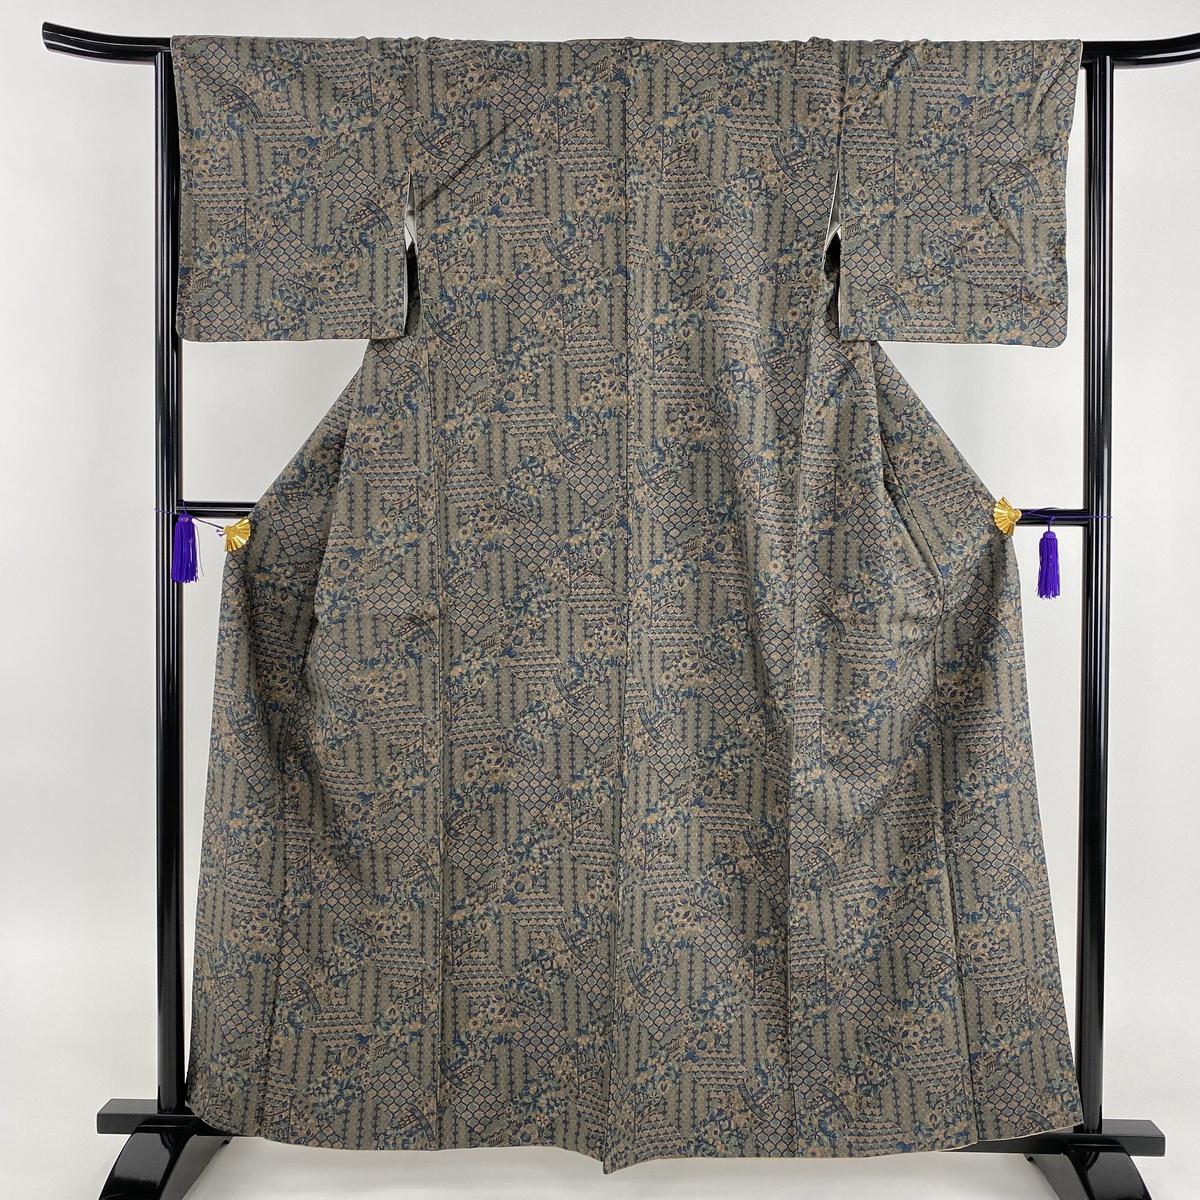 小紋 美品 秀品 紬地 菱 寄せ柄 灰緑 袷 身丈160cm 裄丈63cm S 正絹 【中古】